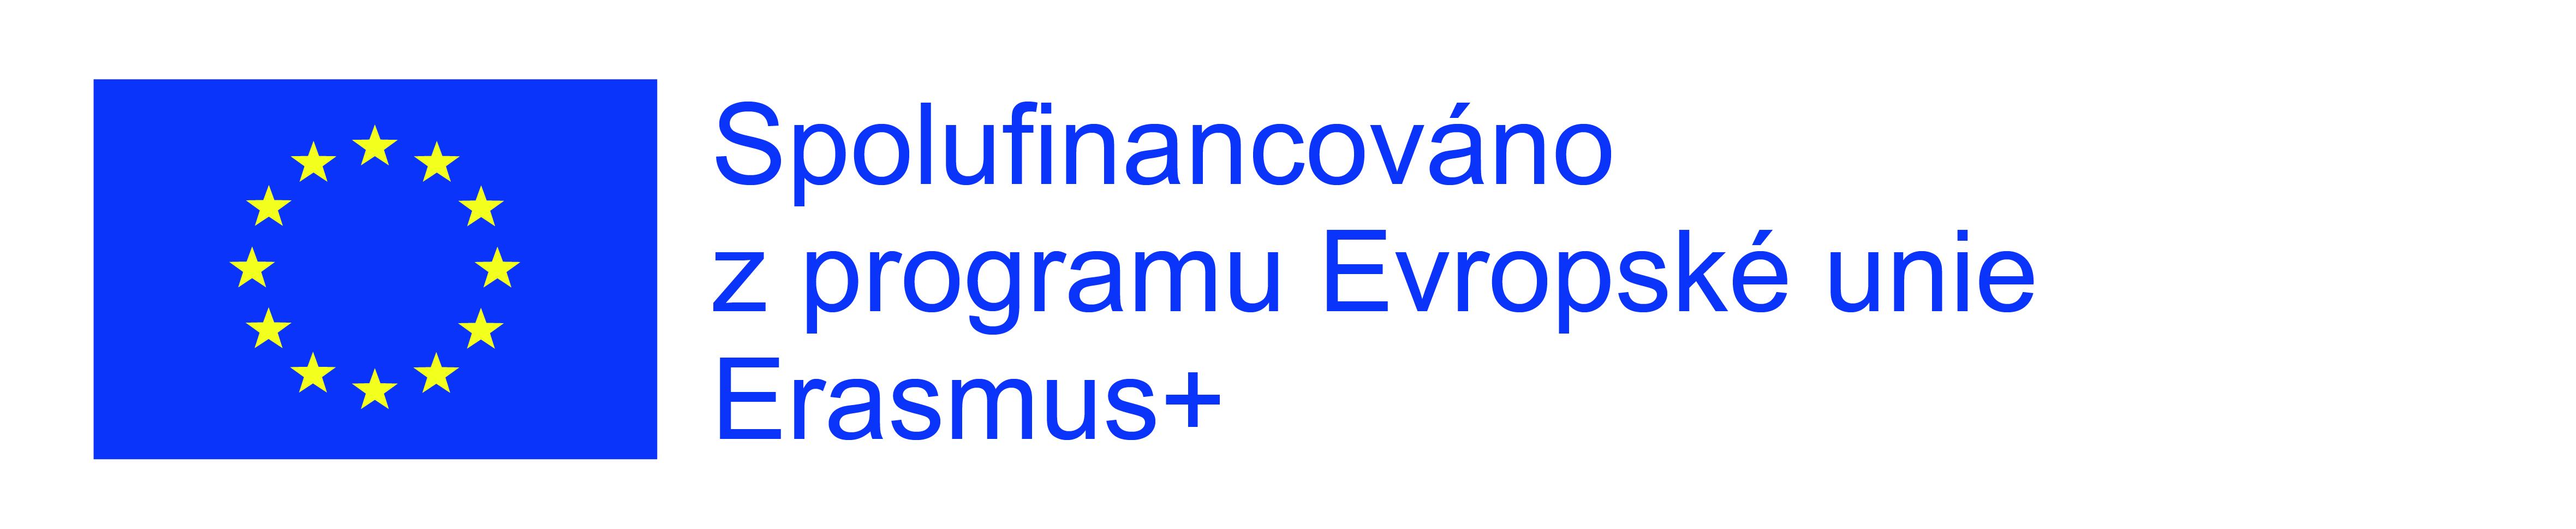 erasmus-_logo.png